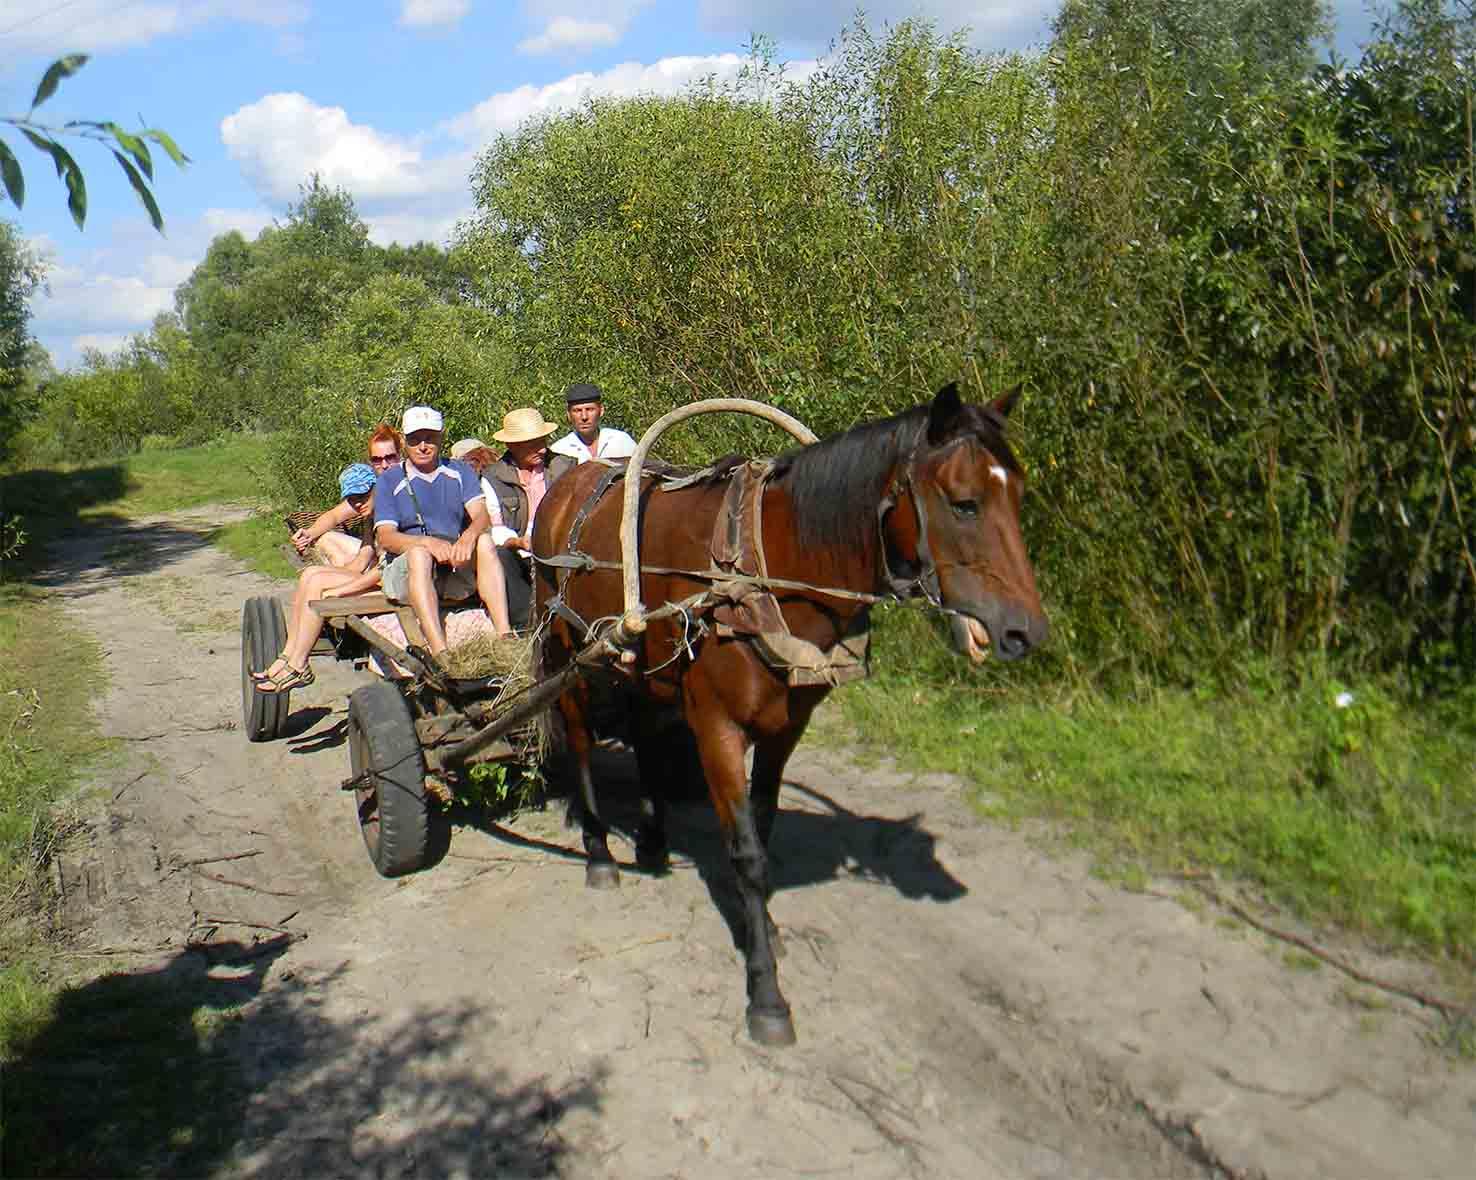 Radreise Polen, Weißrussland, BWRI, Fot. 6